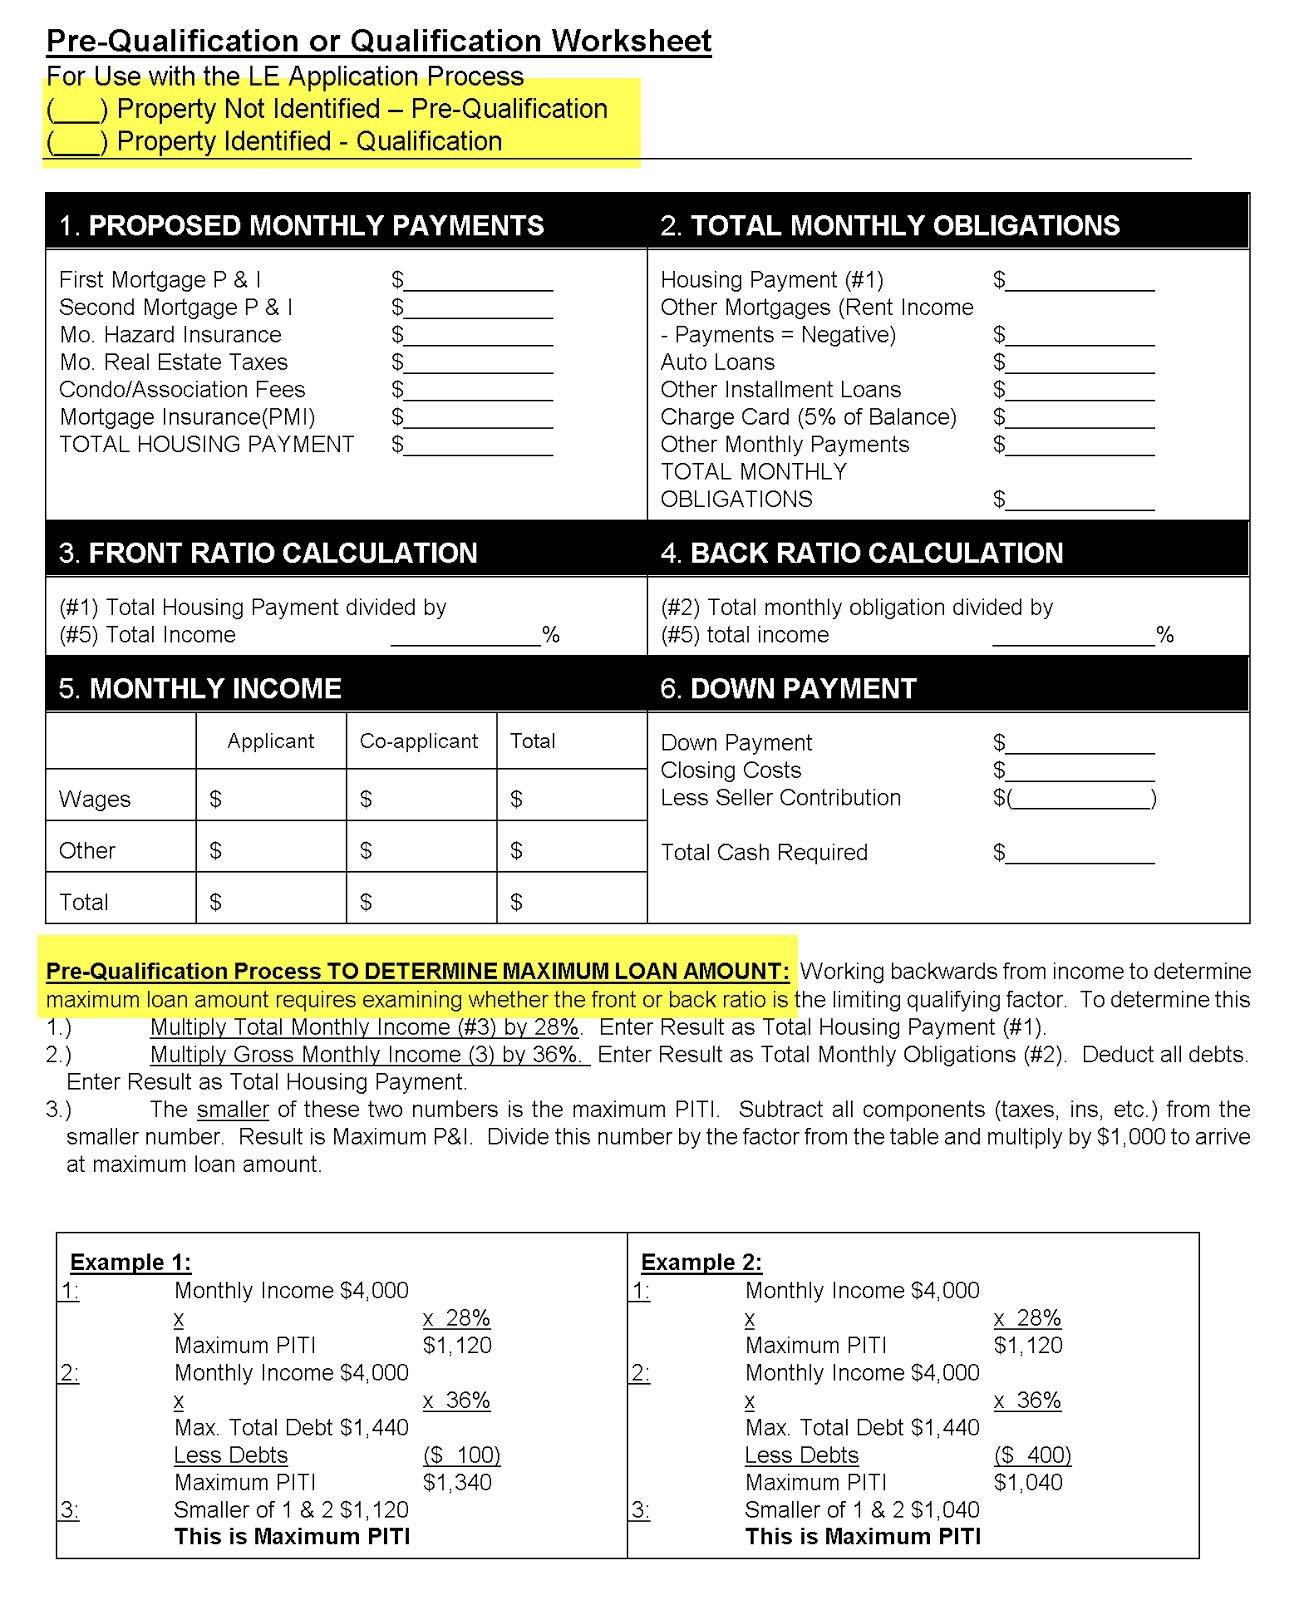 Va Maximum Loan Amount Worksheet  Briefencounters And Va Maximum Loan Amount Calculation Worksheet 2018